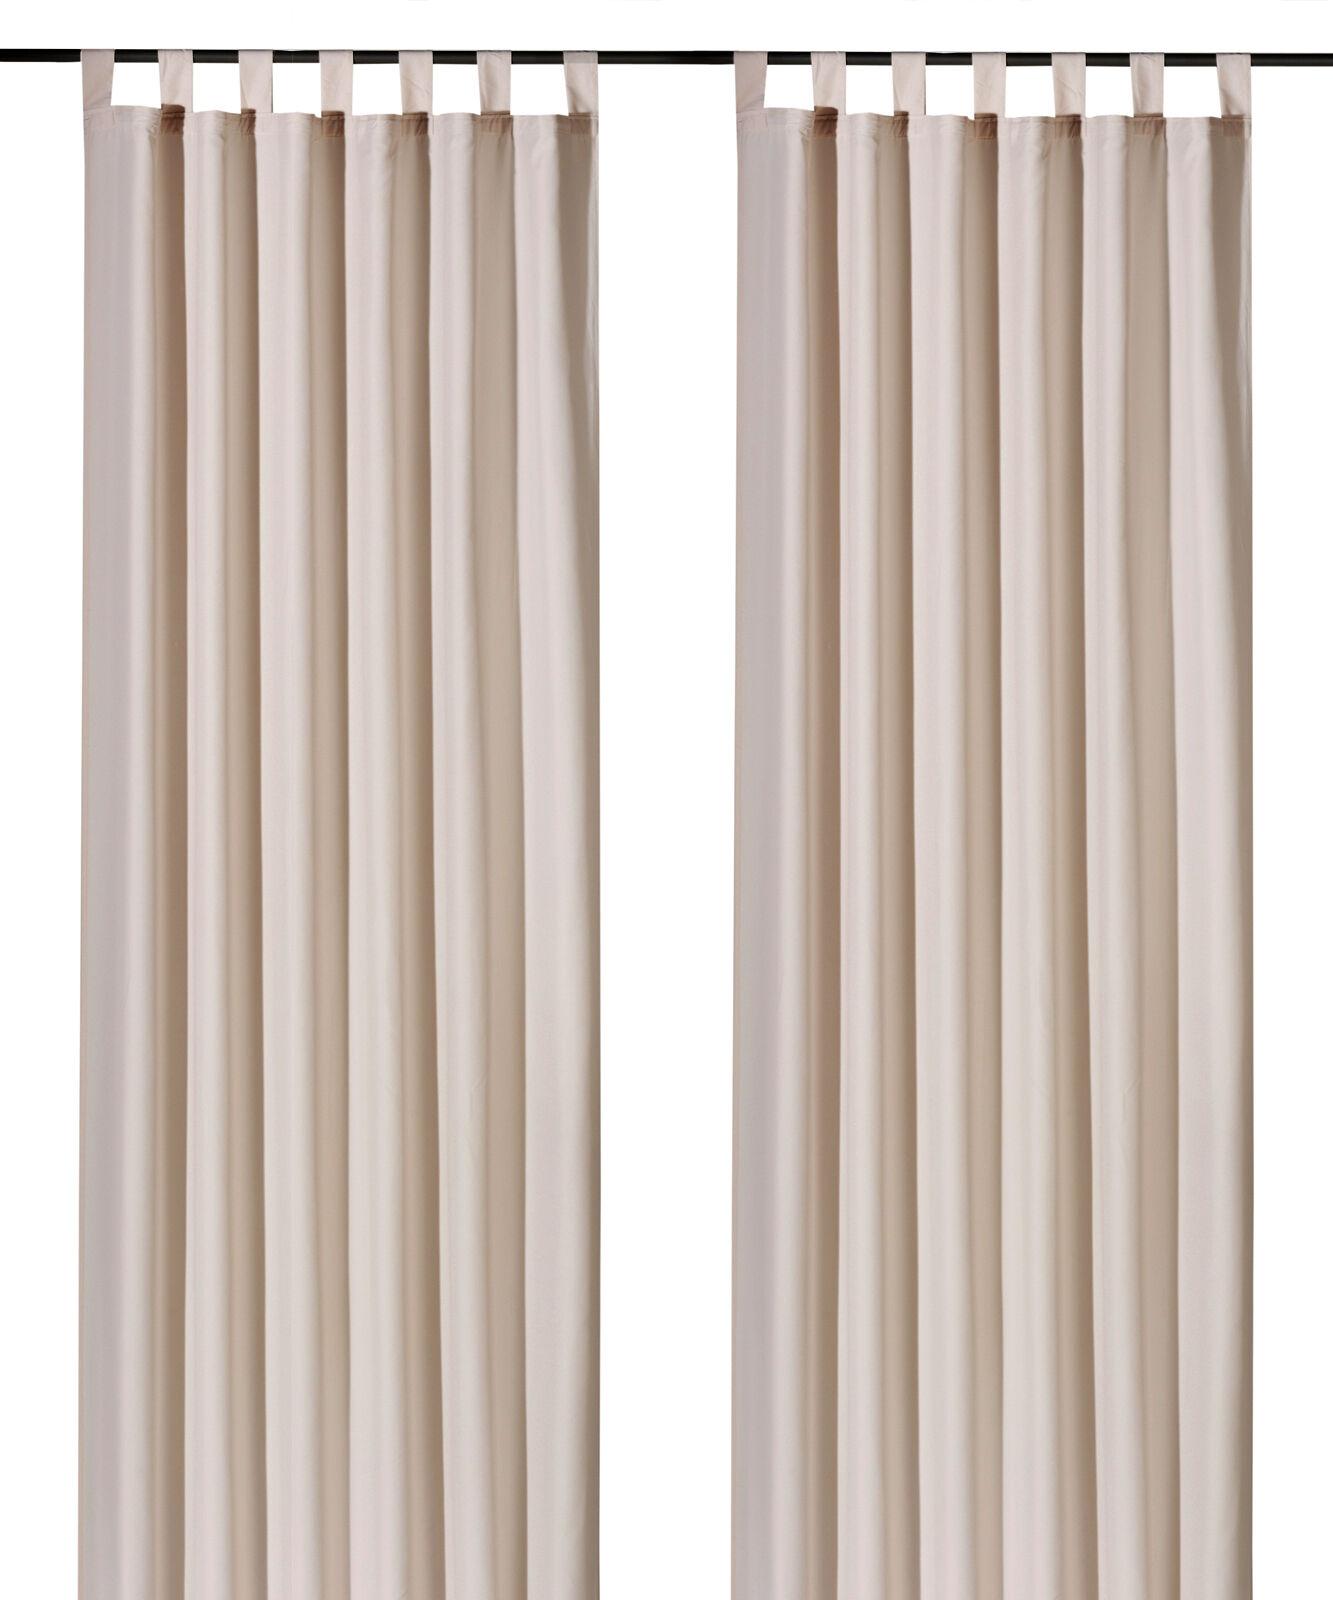 Schlaufenschal-inkl-Kraeuselband-blickdicht-Gardine-Vorhang-Dekoschal-Uni-Typ117 Indexbild 9